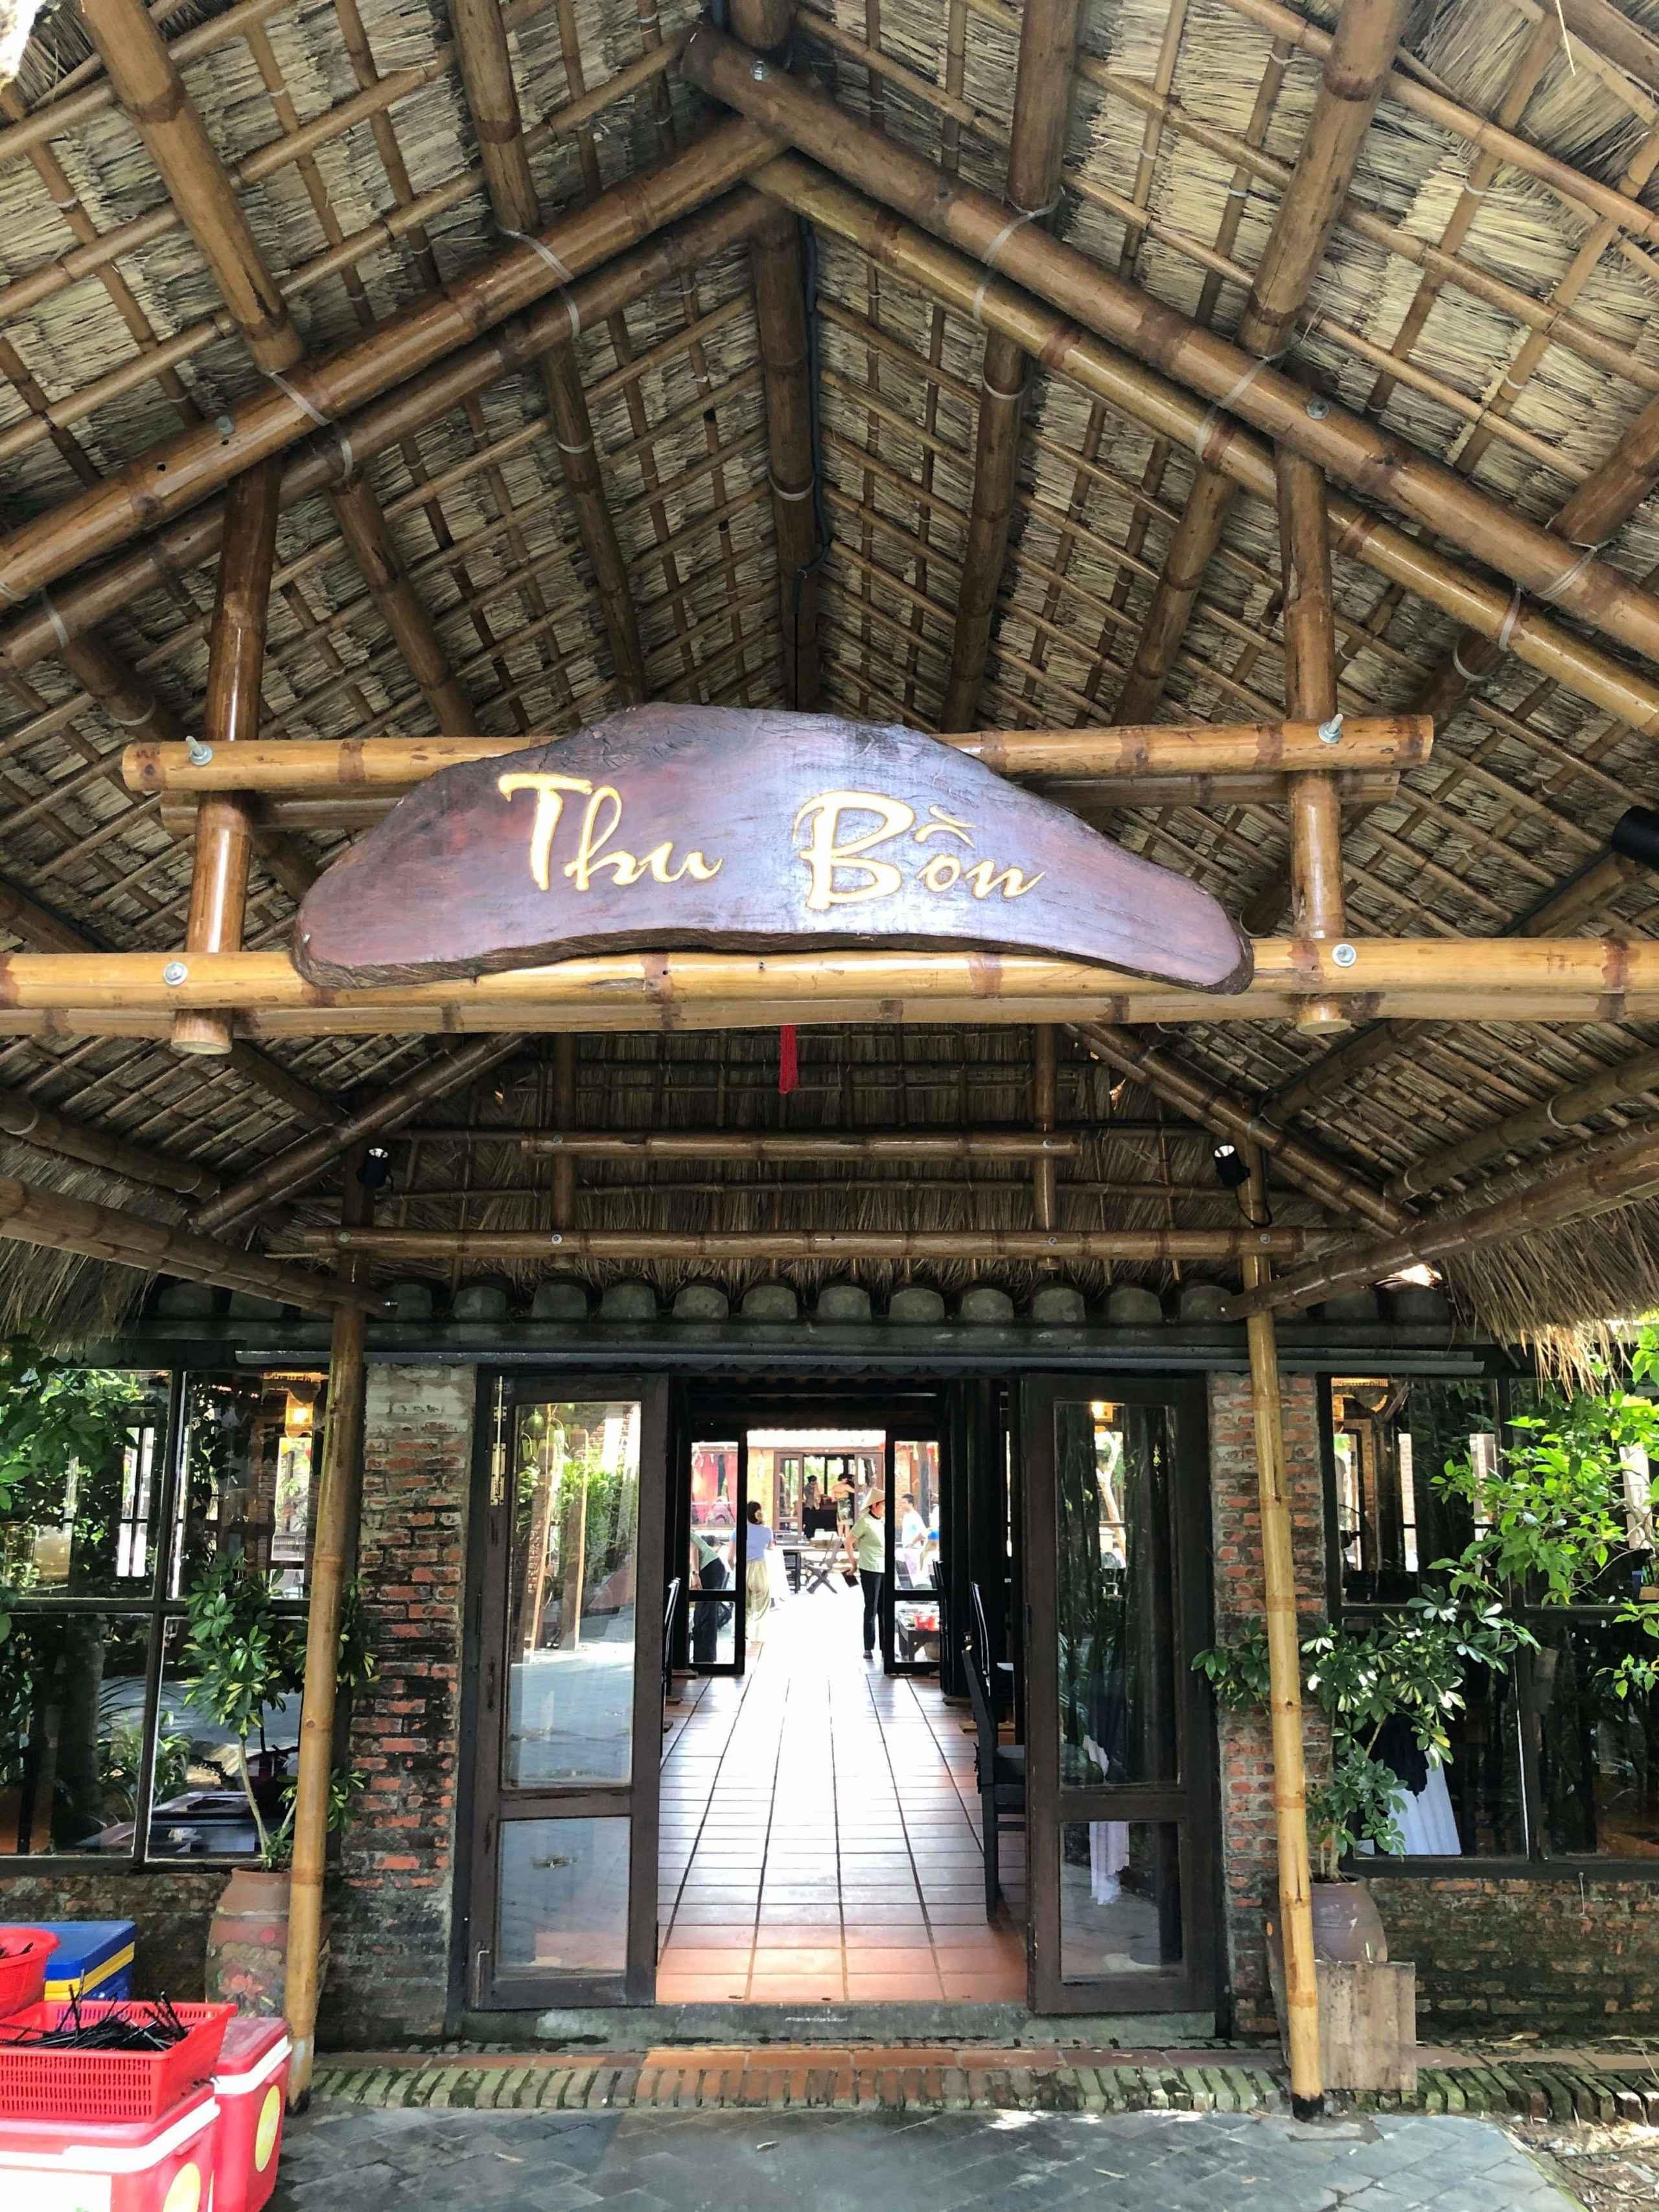 Voyages culinaires et philosophiques (suite) à Da Nang, vietnam - Page 18 Recei137